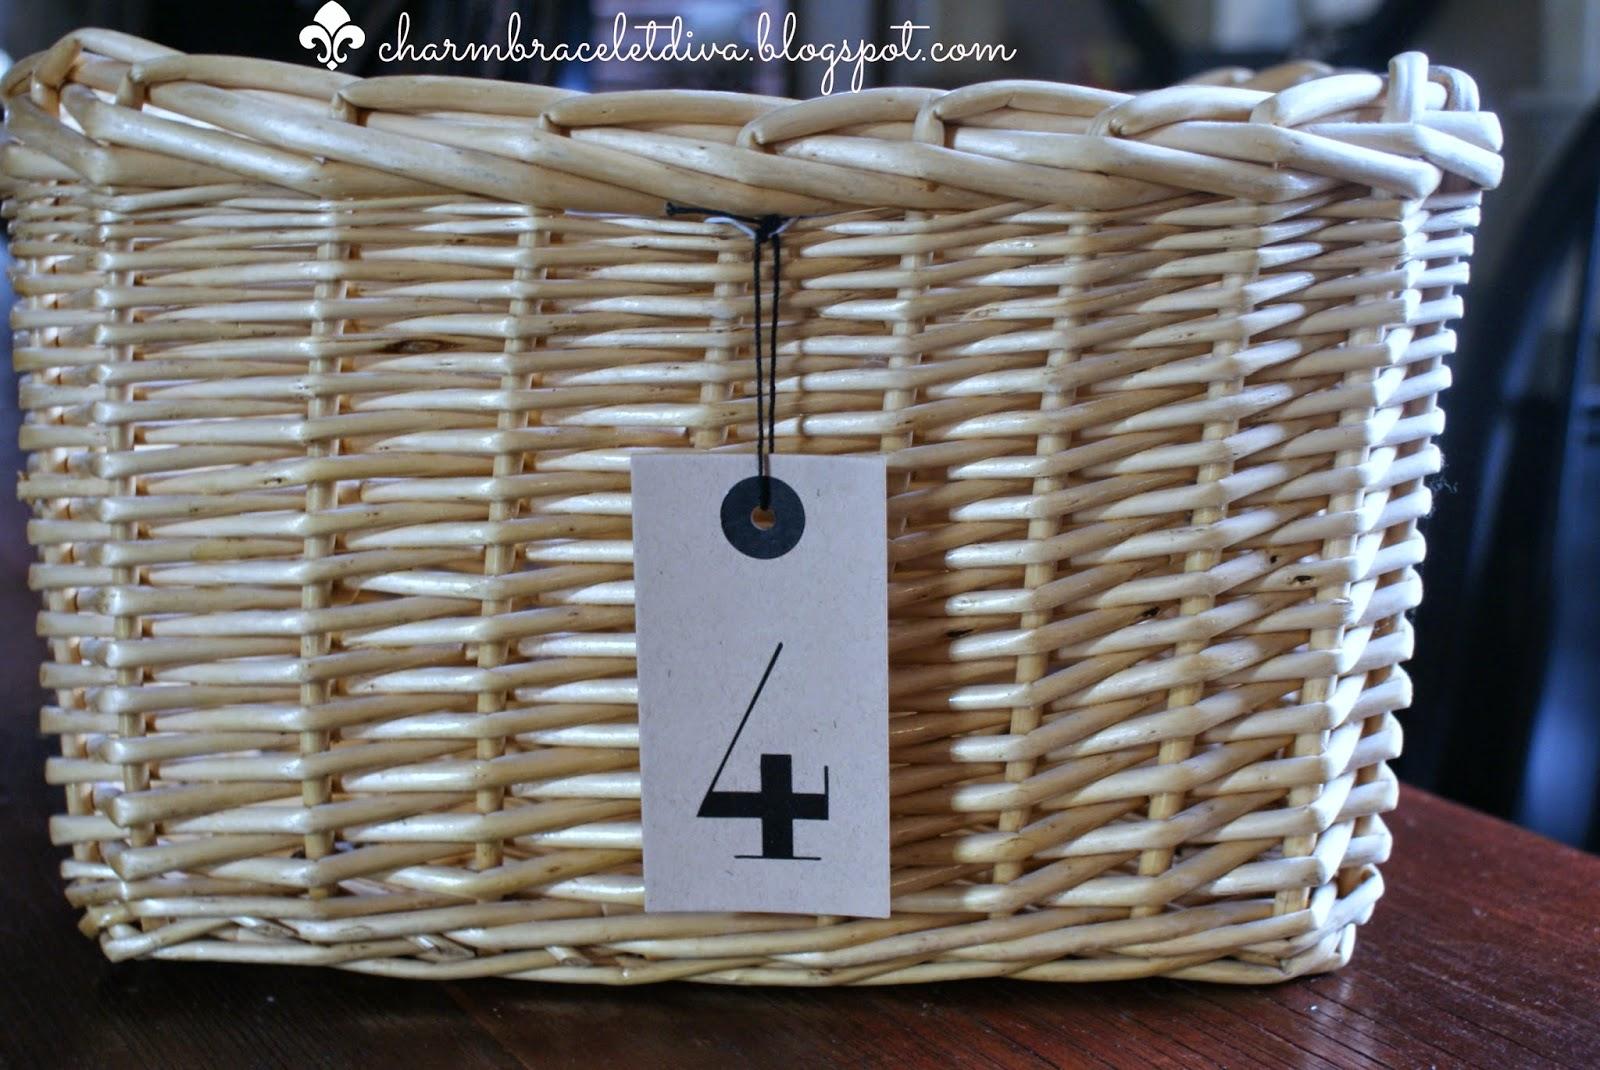 storage basket with preprinted number 4 tag